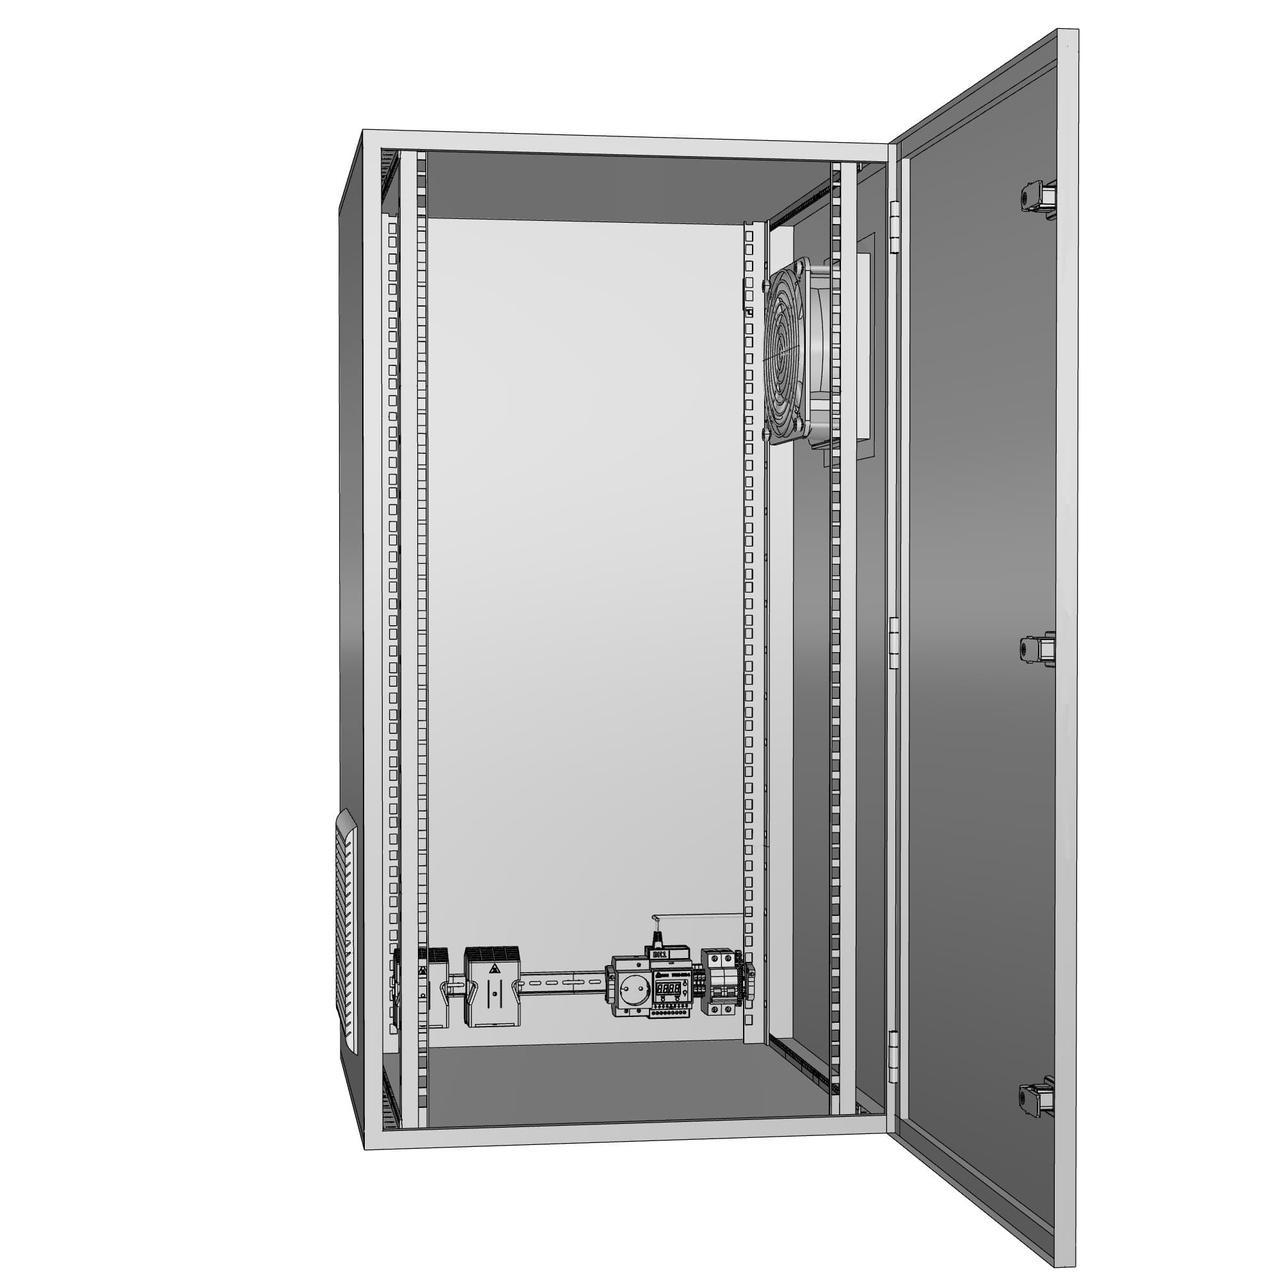 Шкаф климатический утеплённый с вентиляцией ЩКу- В- 7 - 1200×800×150 (В×Ш×Г IP65